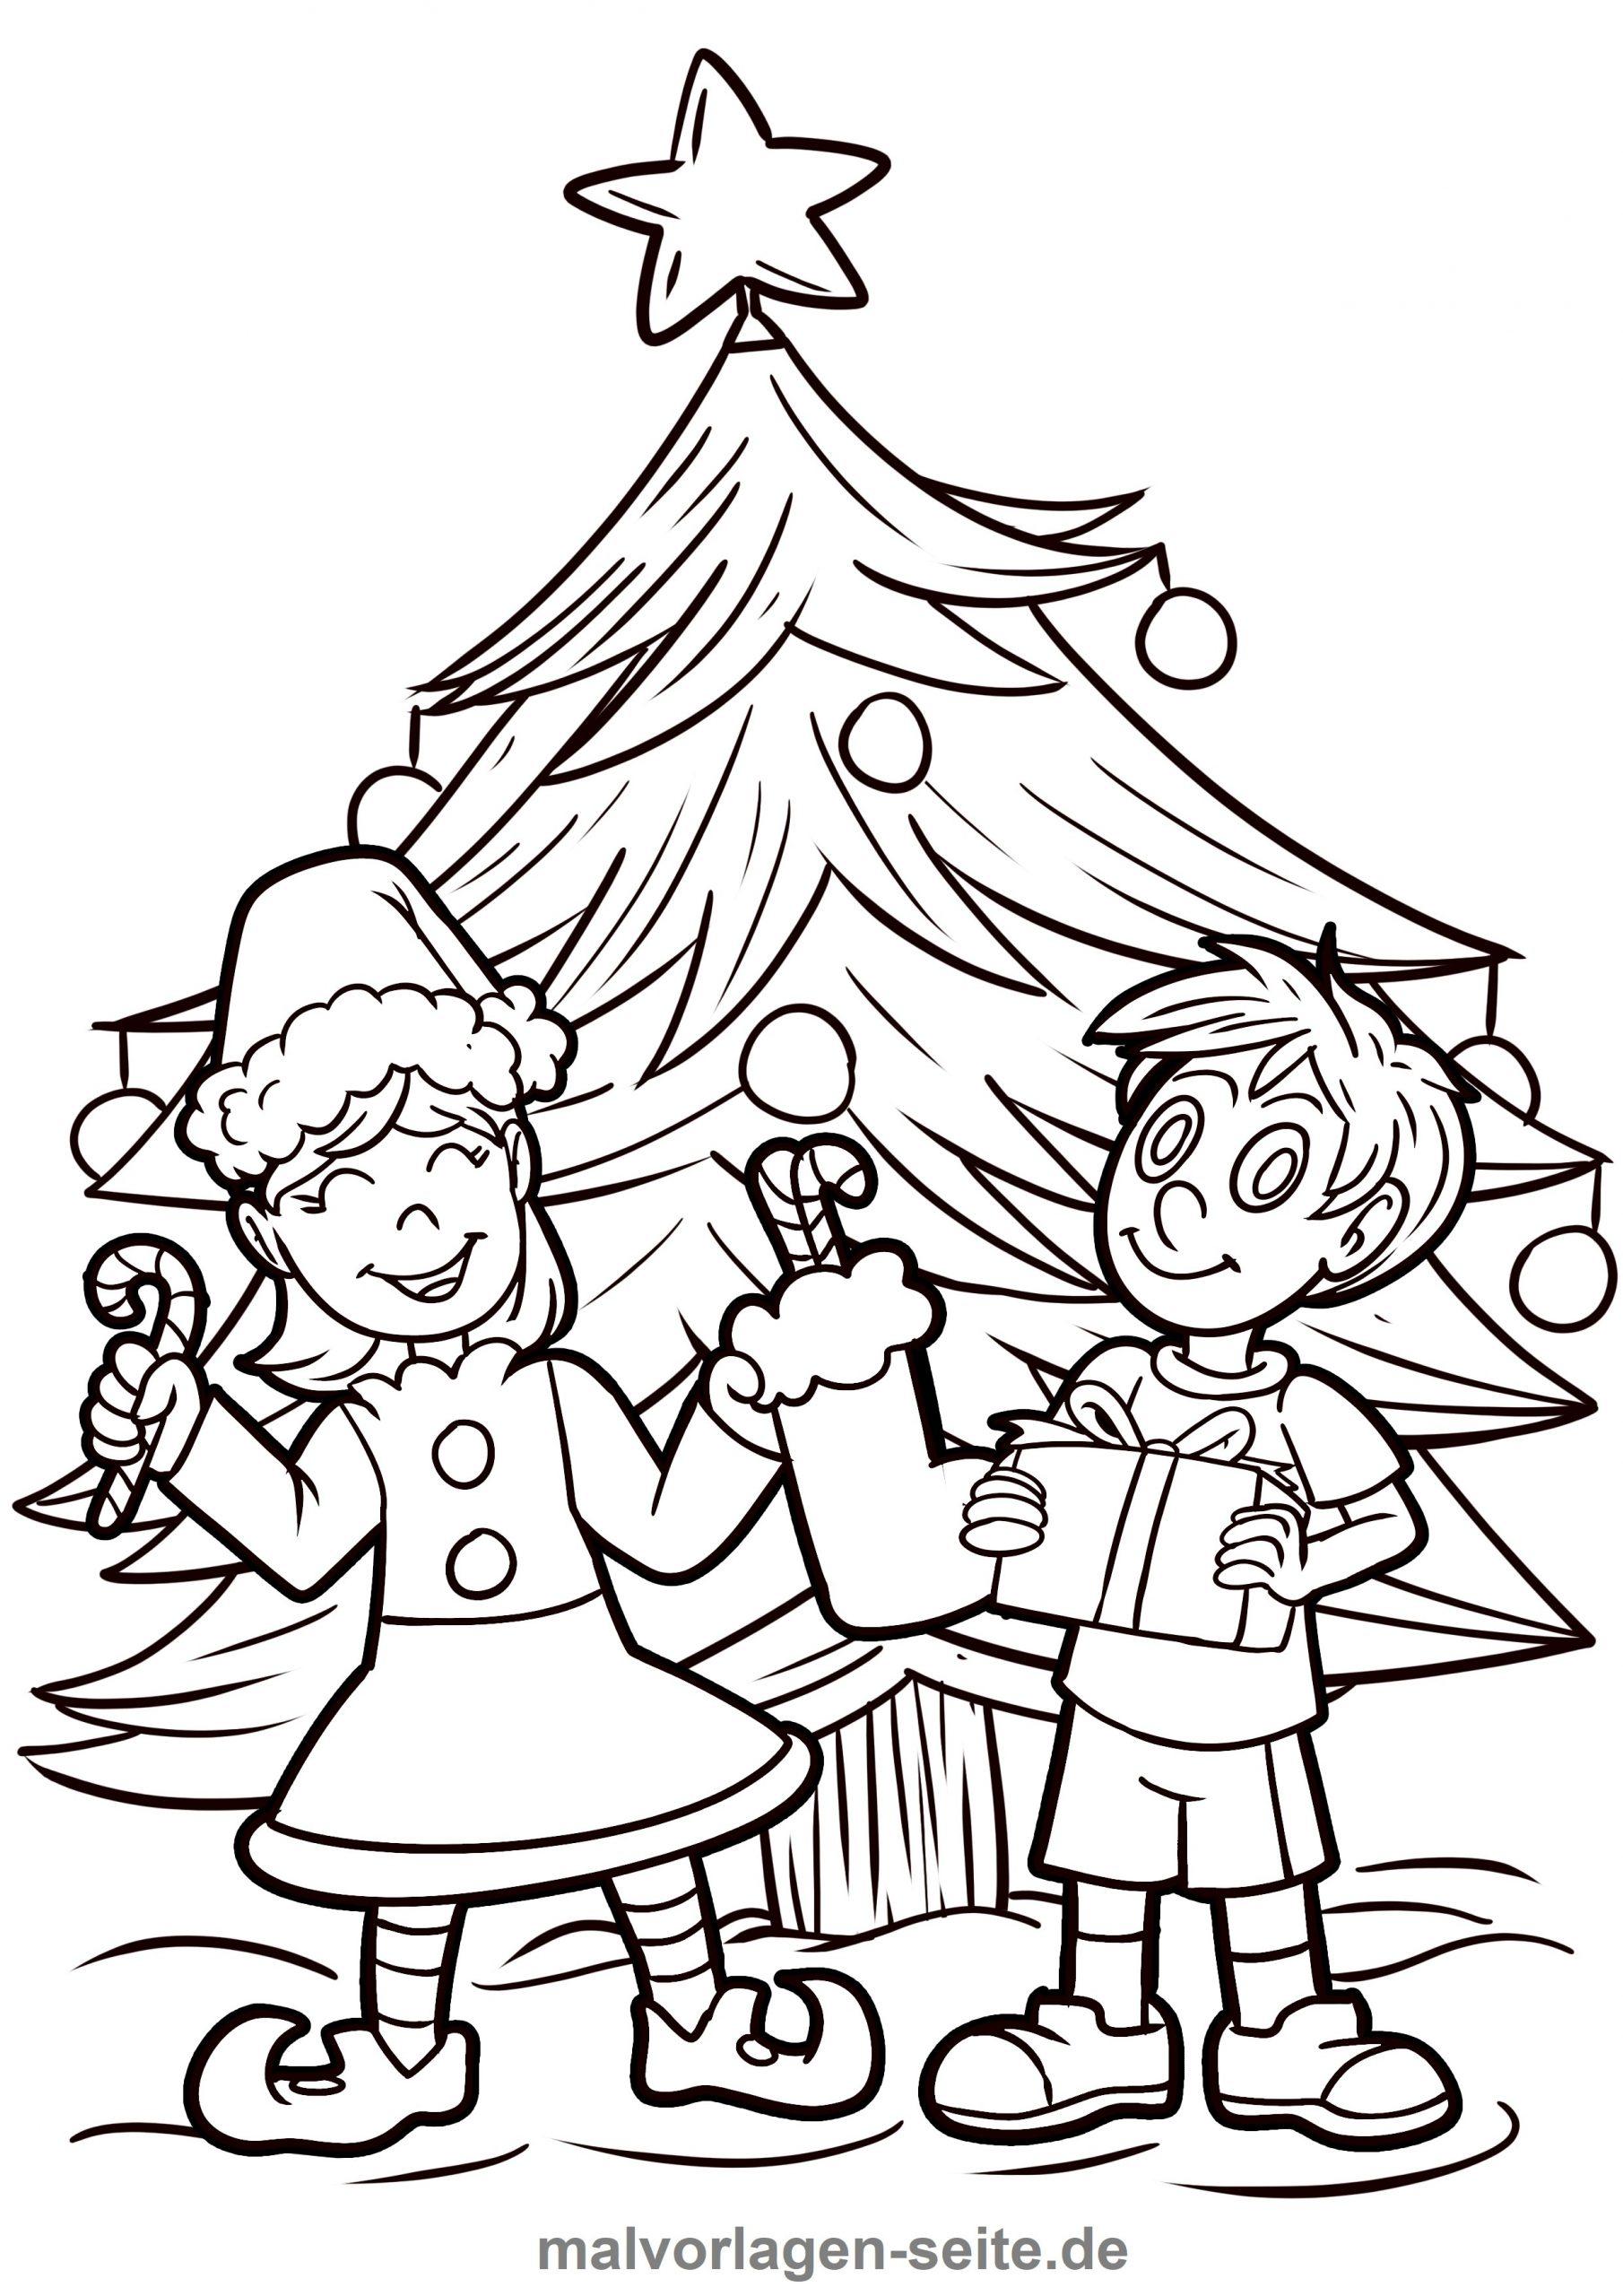 Malvorlage Weihnachten - Ausmalbilder Kostenlos Herunterladen bei Ausmalbild Weihnachten Kostenlos